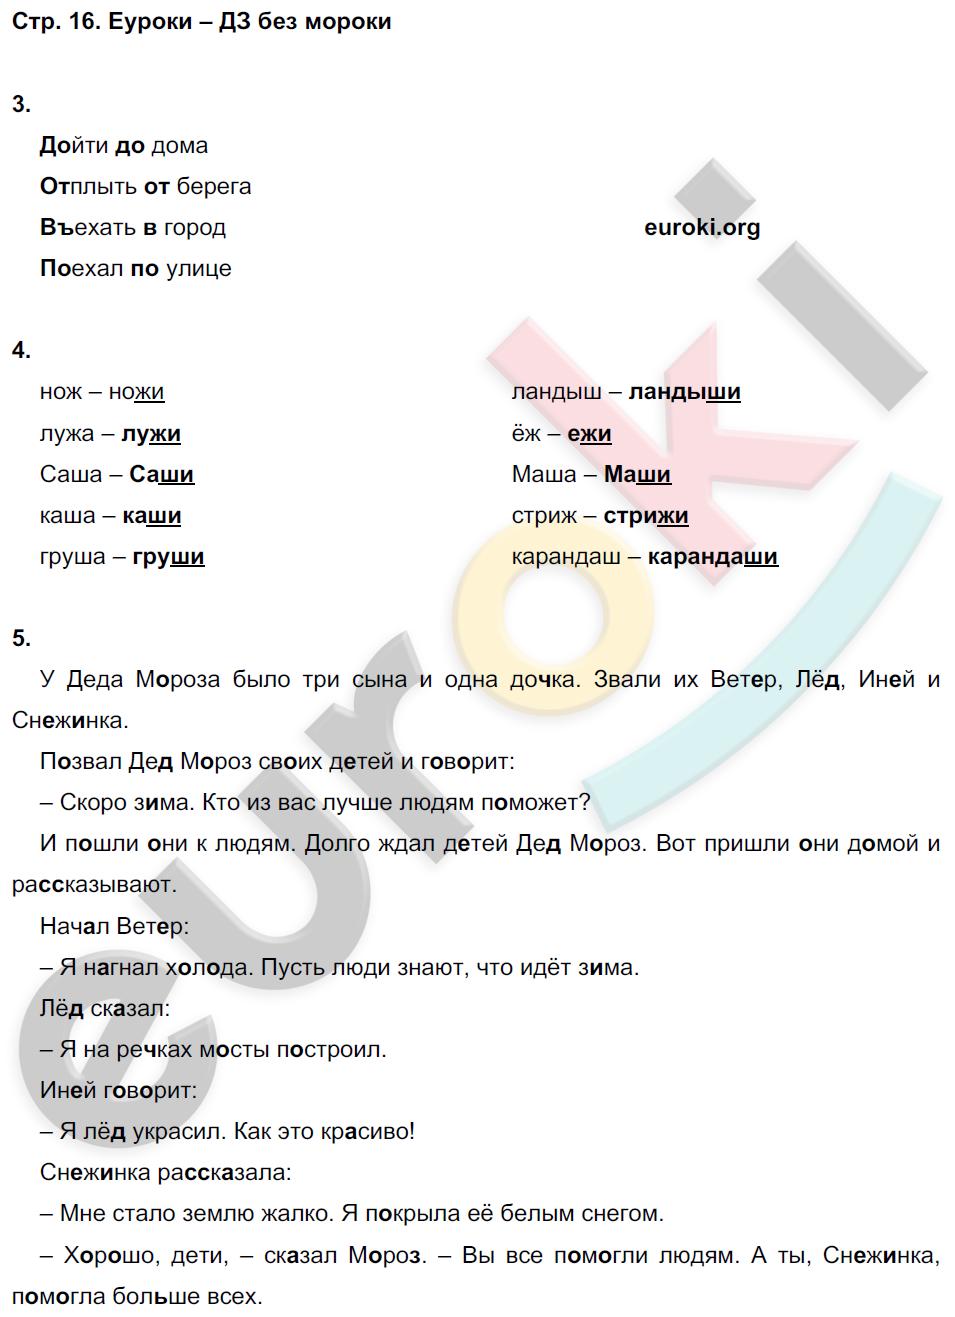 ГДЗ по русскому языку 2 класс рабочая тетрадь Кузнецова Пишем грамотно Часть 1, 2. Задание: стр. 16